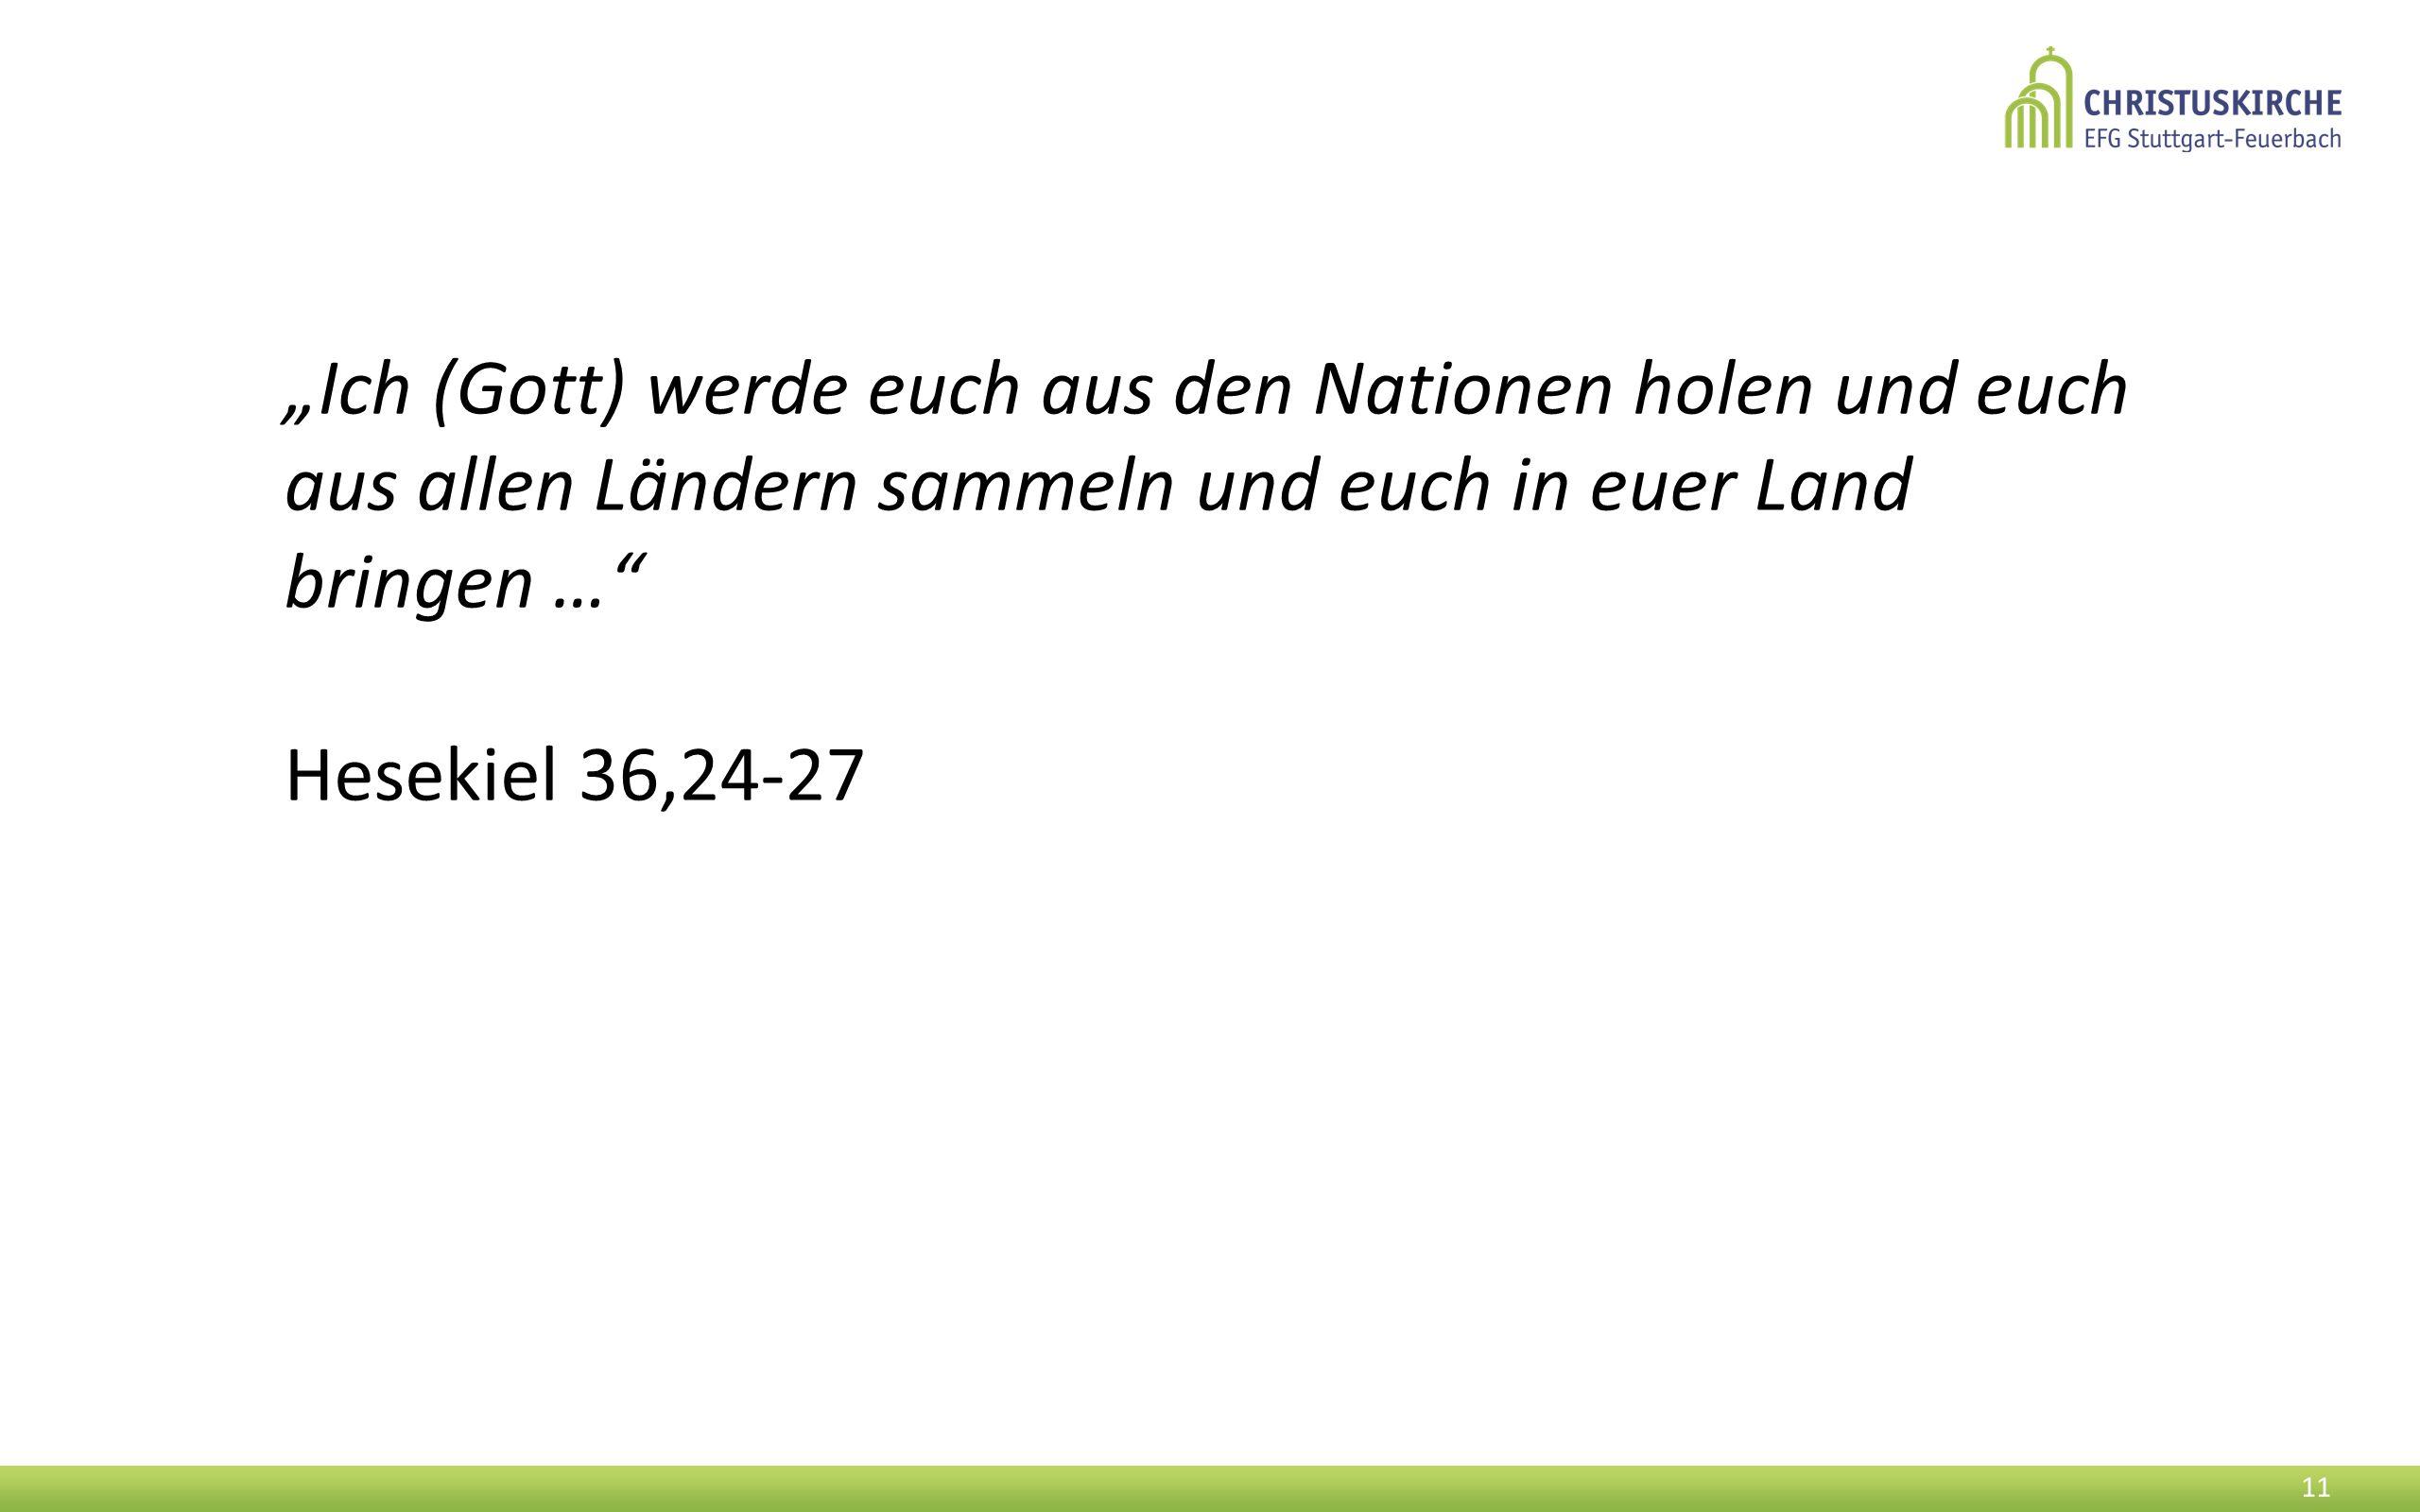 """""""Ich (Gott) werde euch aus den Nationen holen und euch aus allen Ländern sammeln und euch in euer Land bringen … Hesekiel 36,24-27 11"""